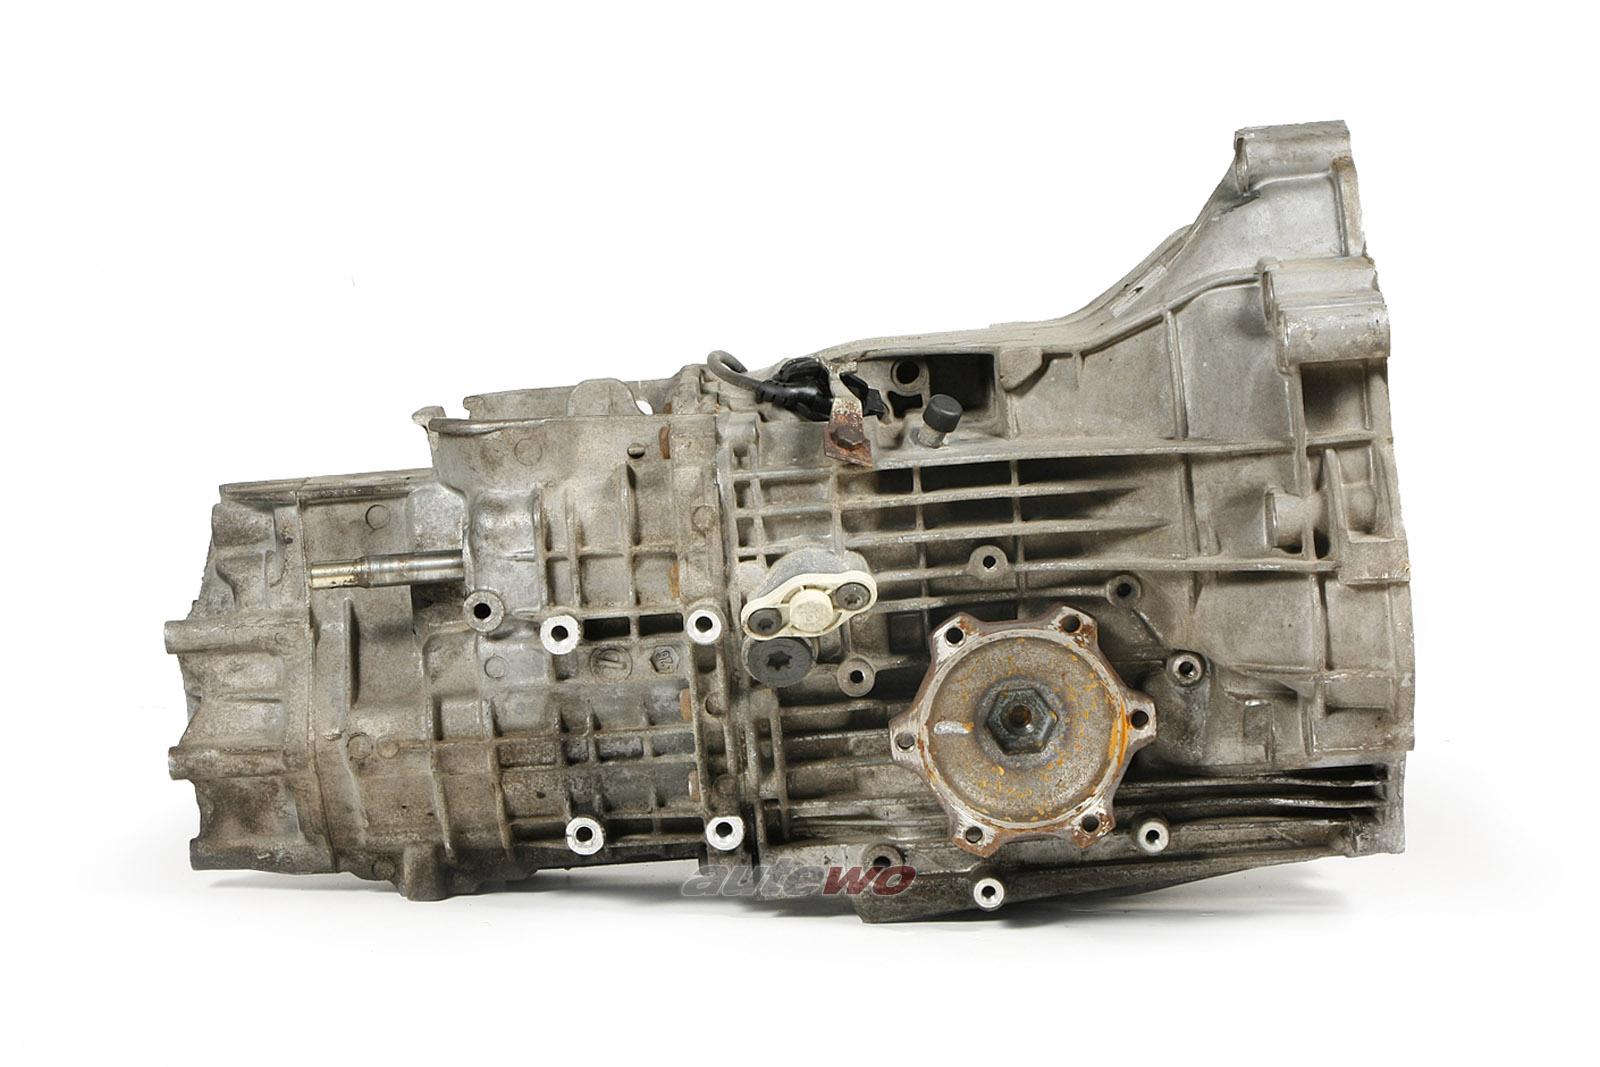 012300052F/012300053R Audi 80 Typ 89 Cabrio/A6 C4 2.8l Getriebe DHG 10028